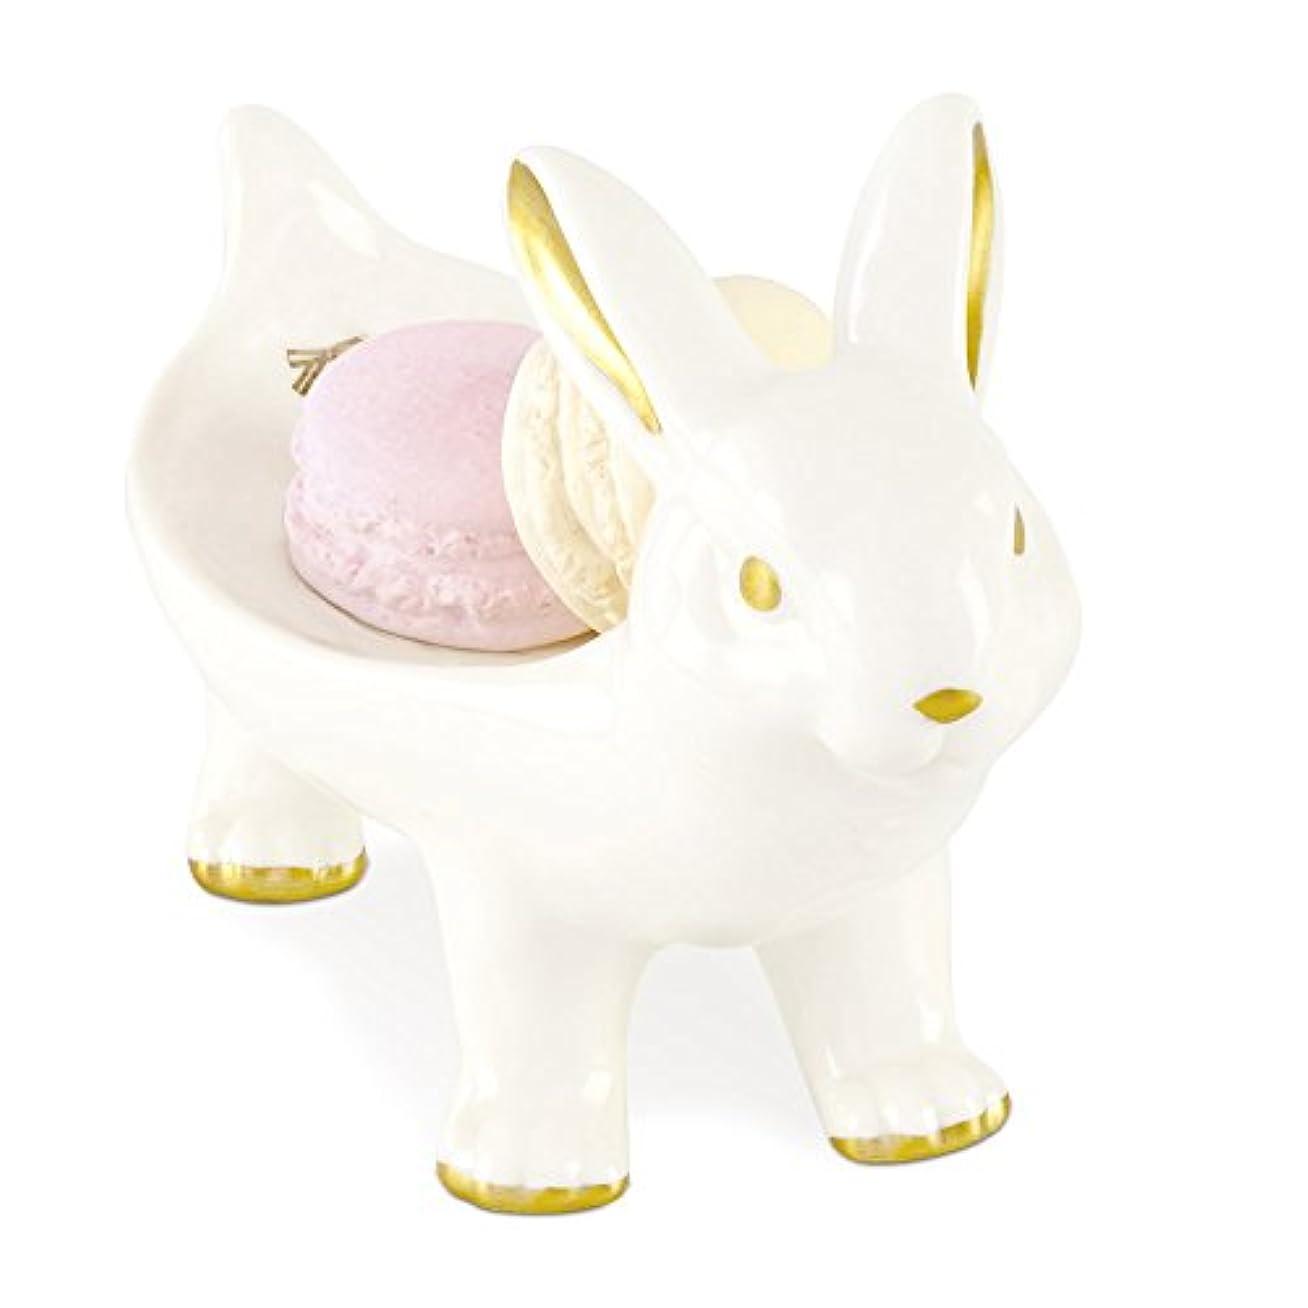 マッサージどちらか娯楽キャリングアニマル アロマストーン&アニマルトレイ Rabbit KH-60960